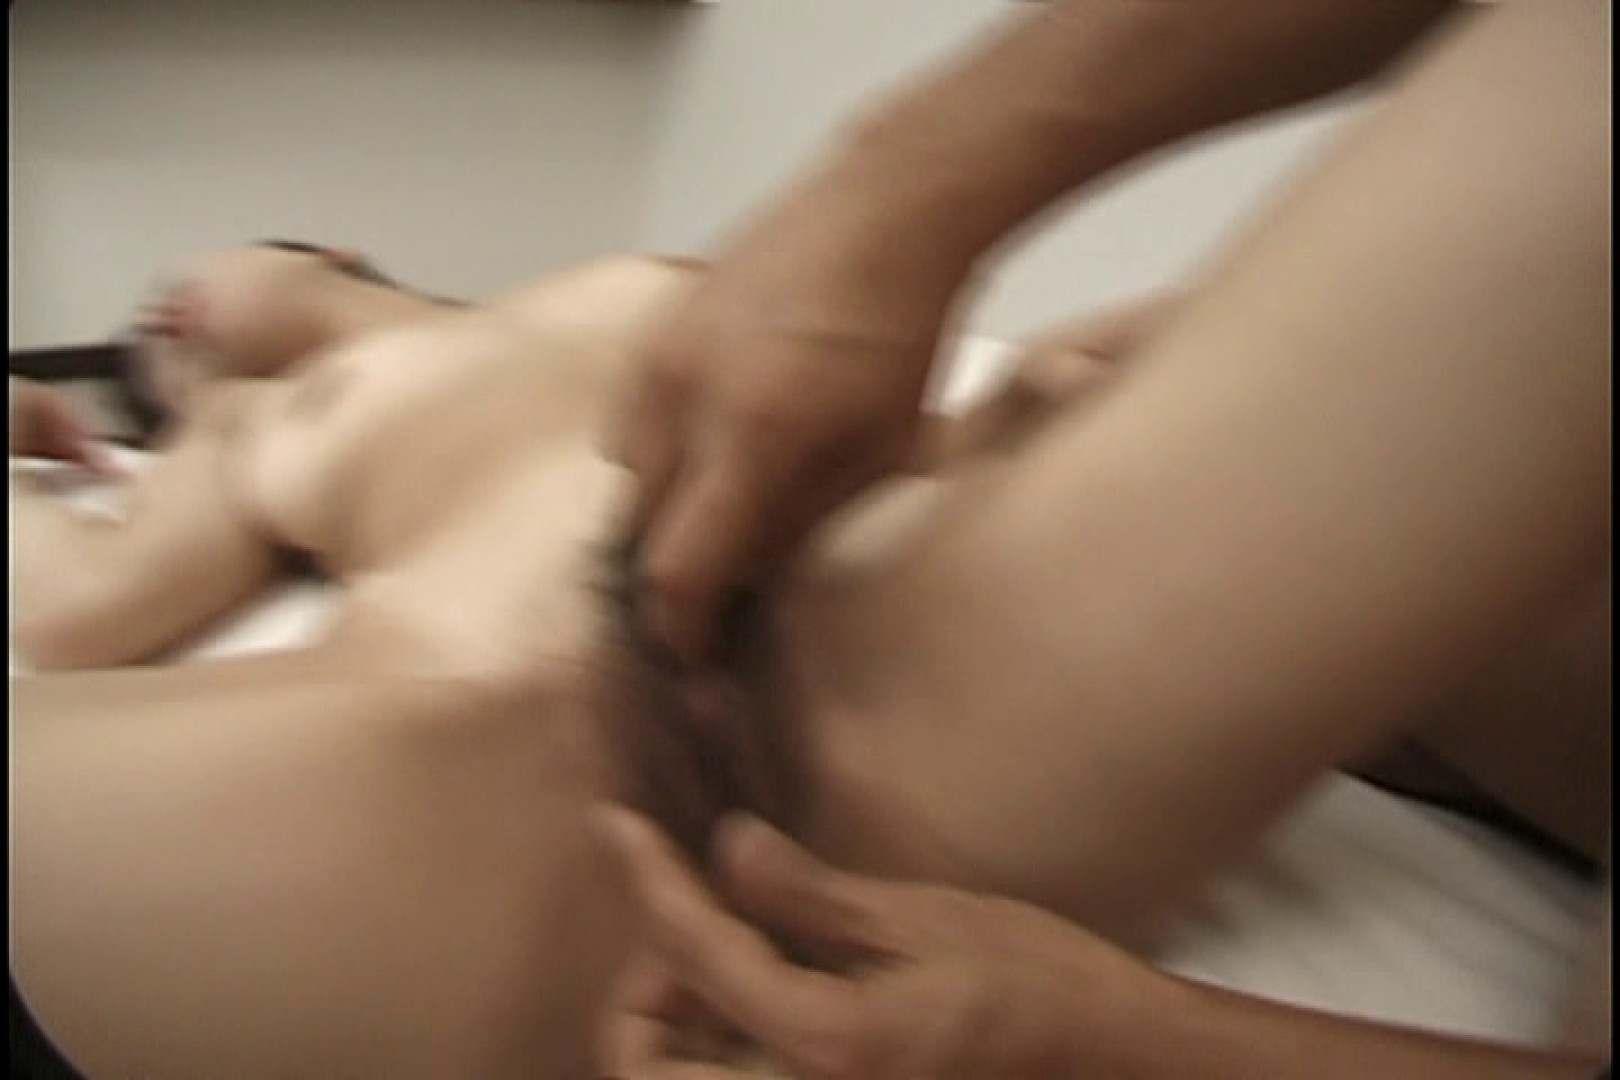 昼間の奥様は欲求不満 ~安田弘美~ SEXプレイ   おっぱい娘  73連発 49